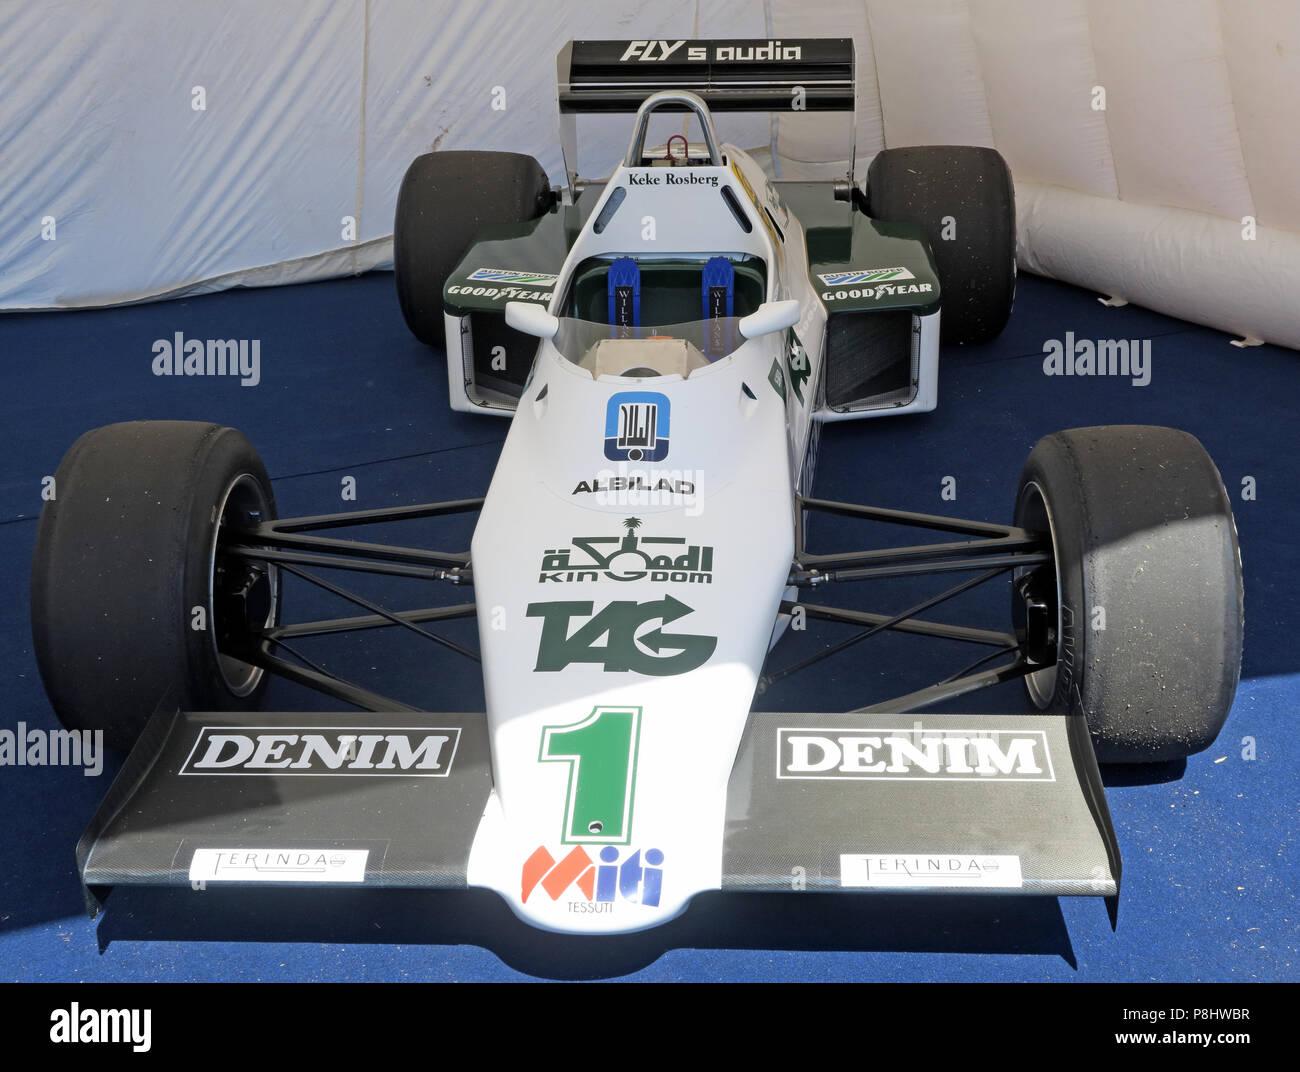 Dieses Stockfoto: Keke Rosberg/Formel 1 F1-Rennwagen, gesponsert von Denim - Williams Cosworth FW08C angetrieben von Ayrton Senna - P8HWBR